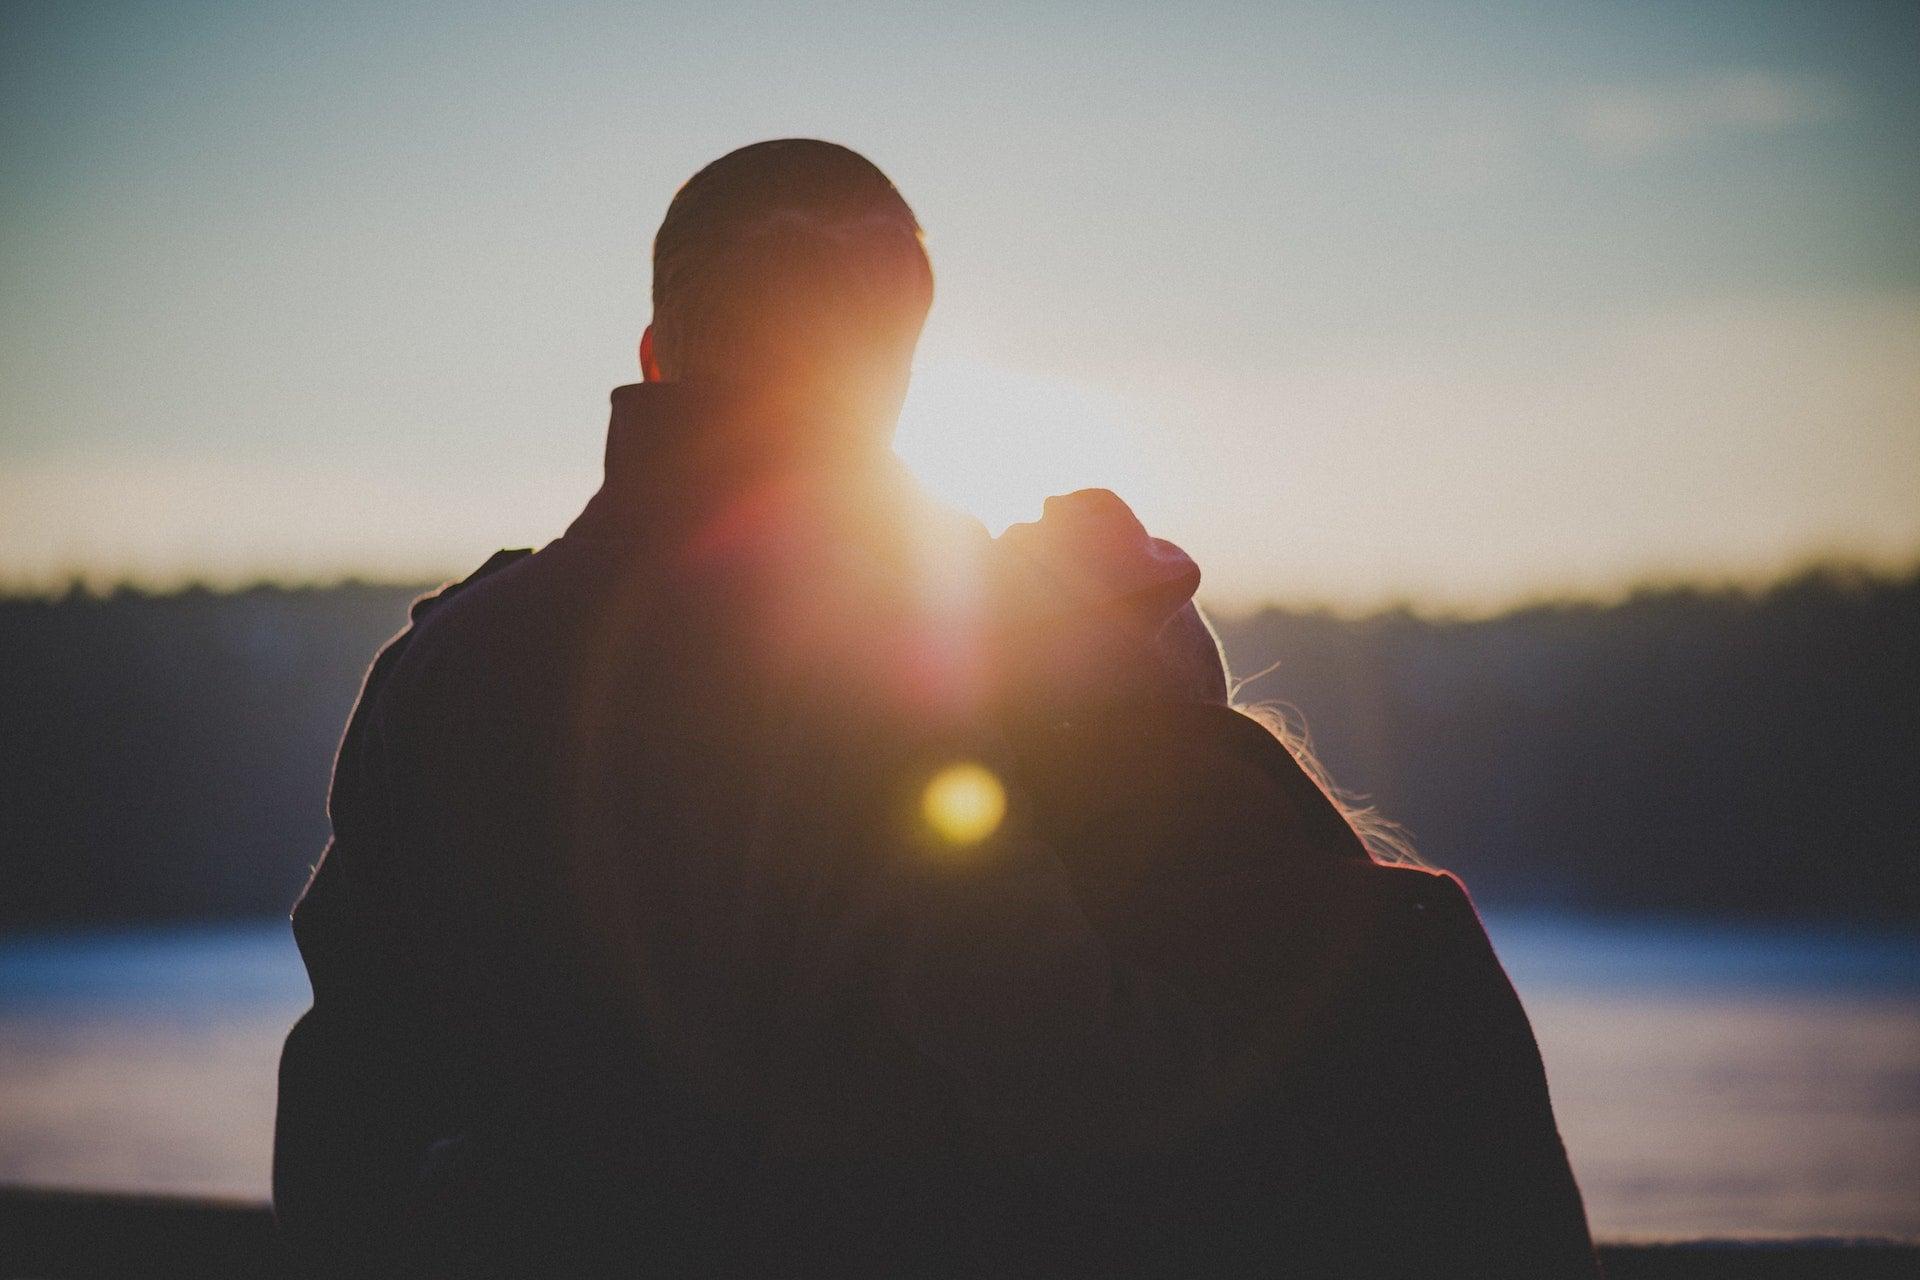 przepisy i zasady dotyczące randek względnych